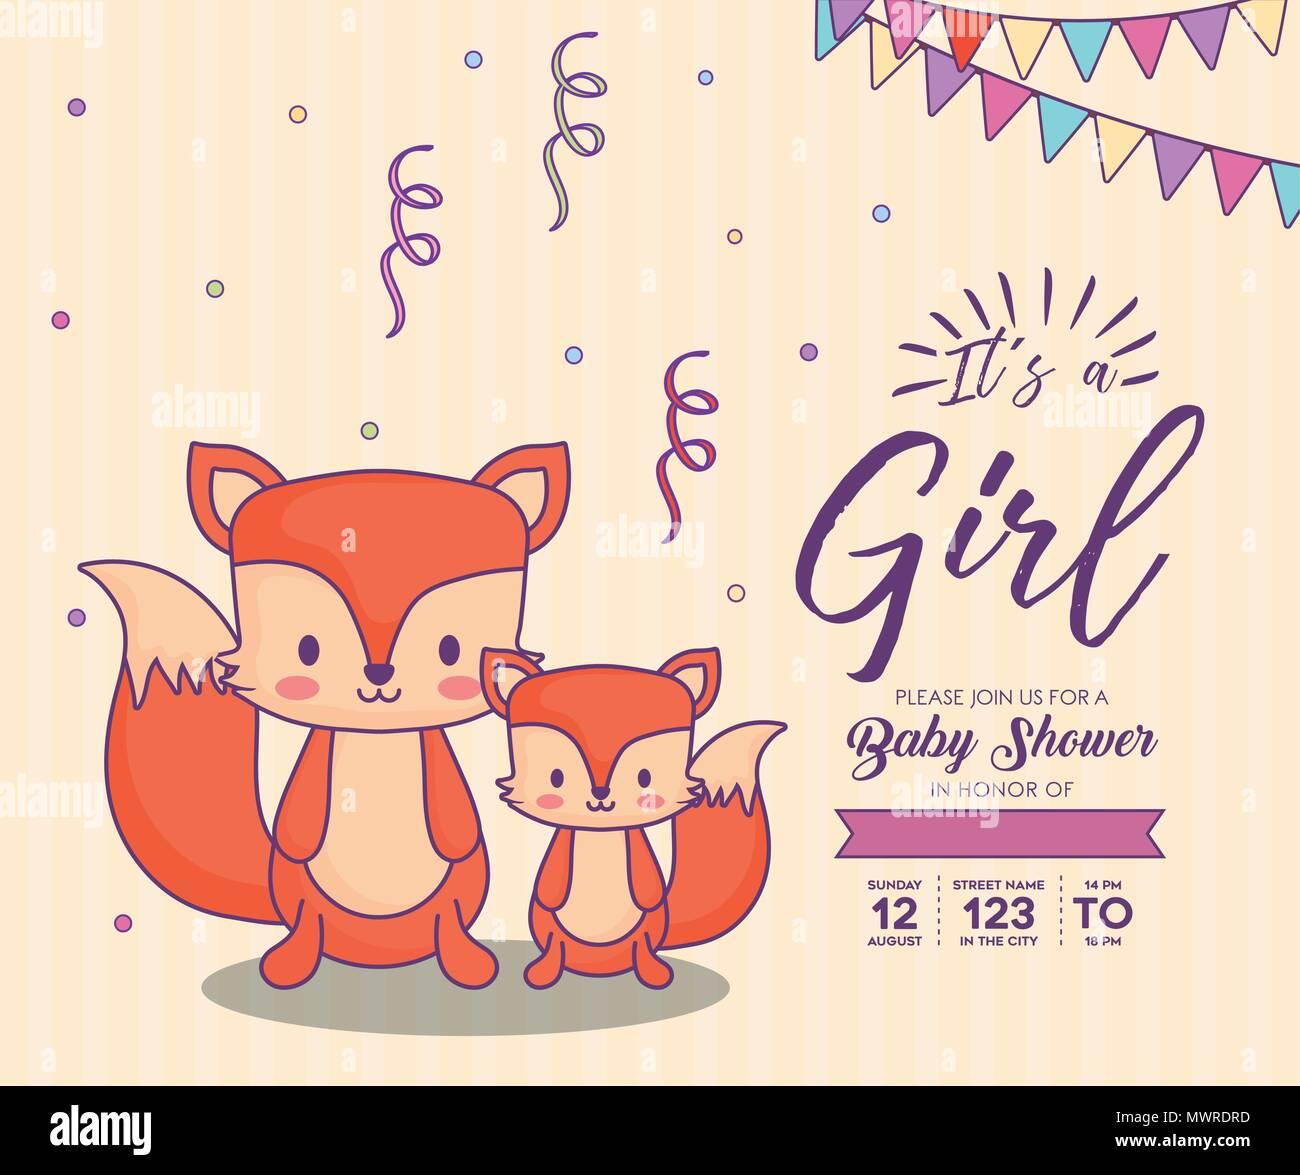 8111e3148 Invitación de baby shower con su concepto de una niña con bonitos zorros  sobre fondo naranja